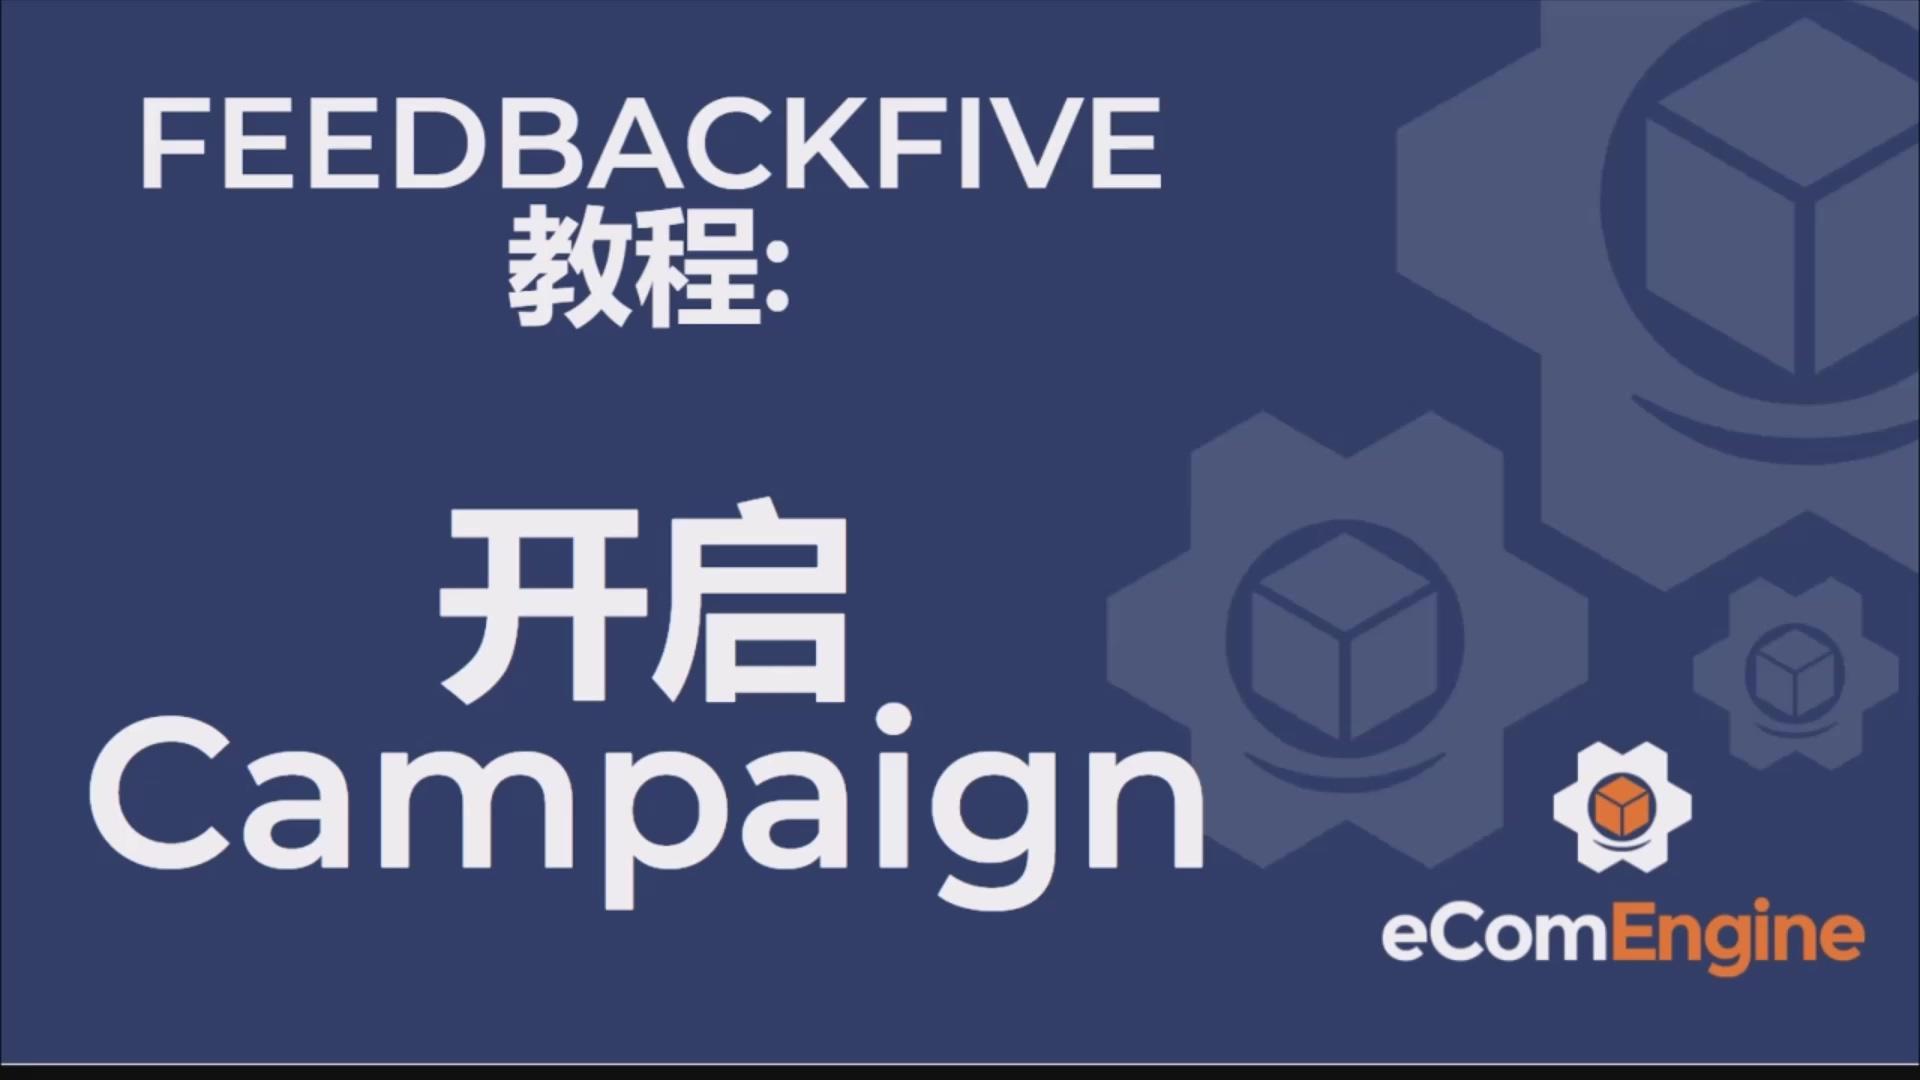 CN-feedbackfive-campaign-activation